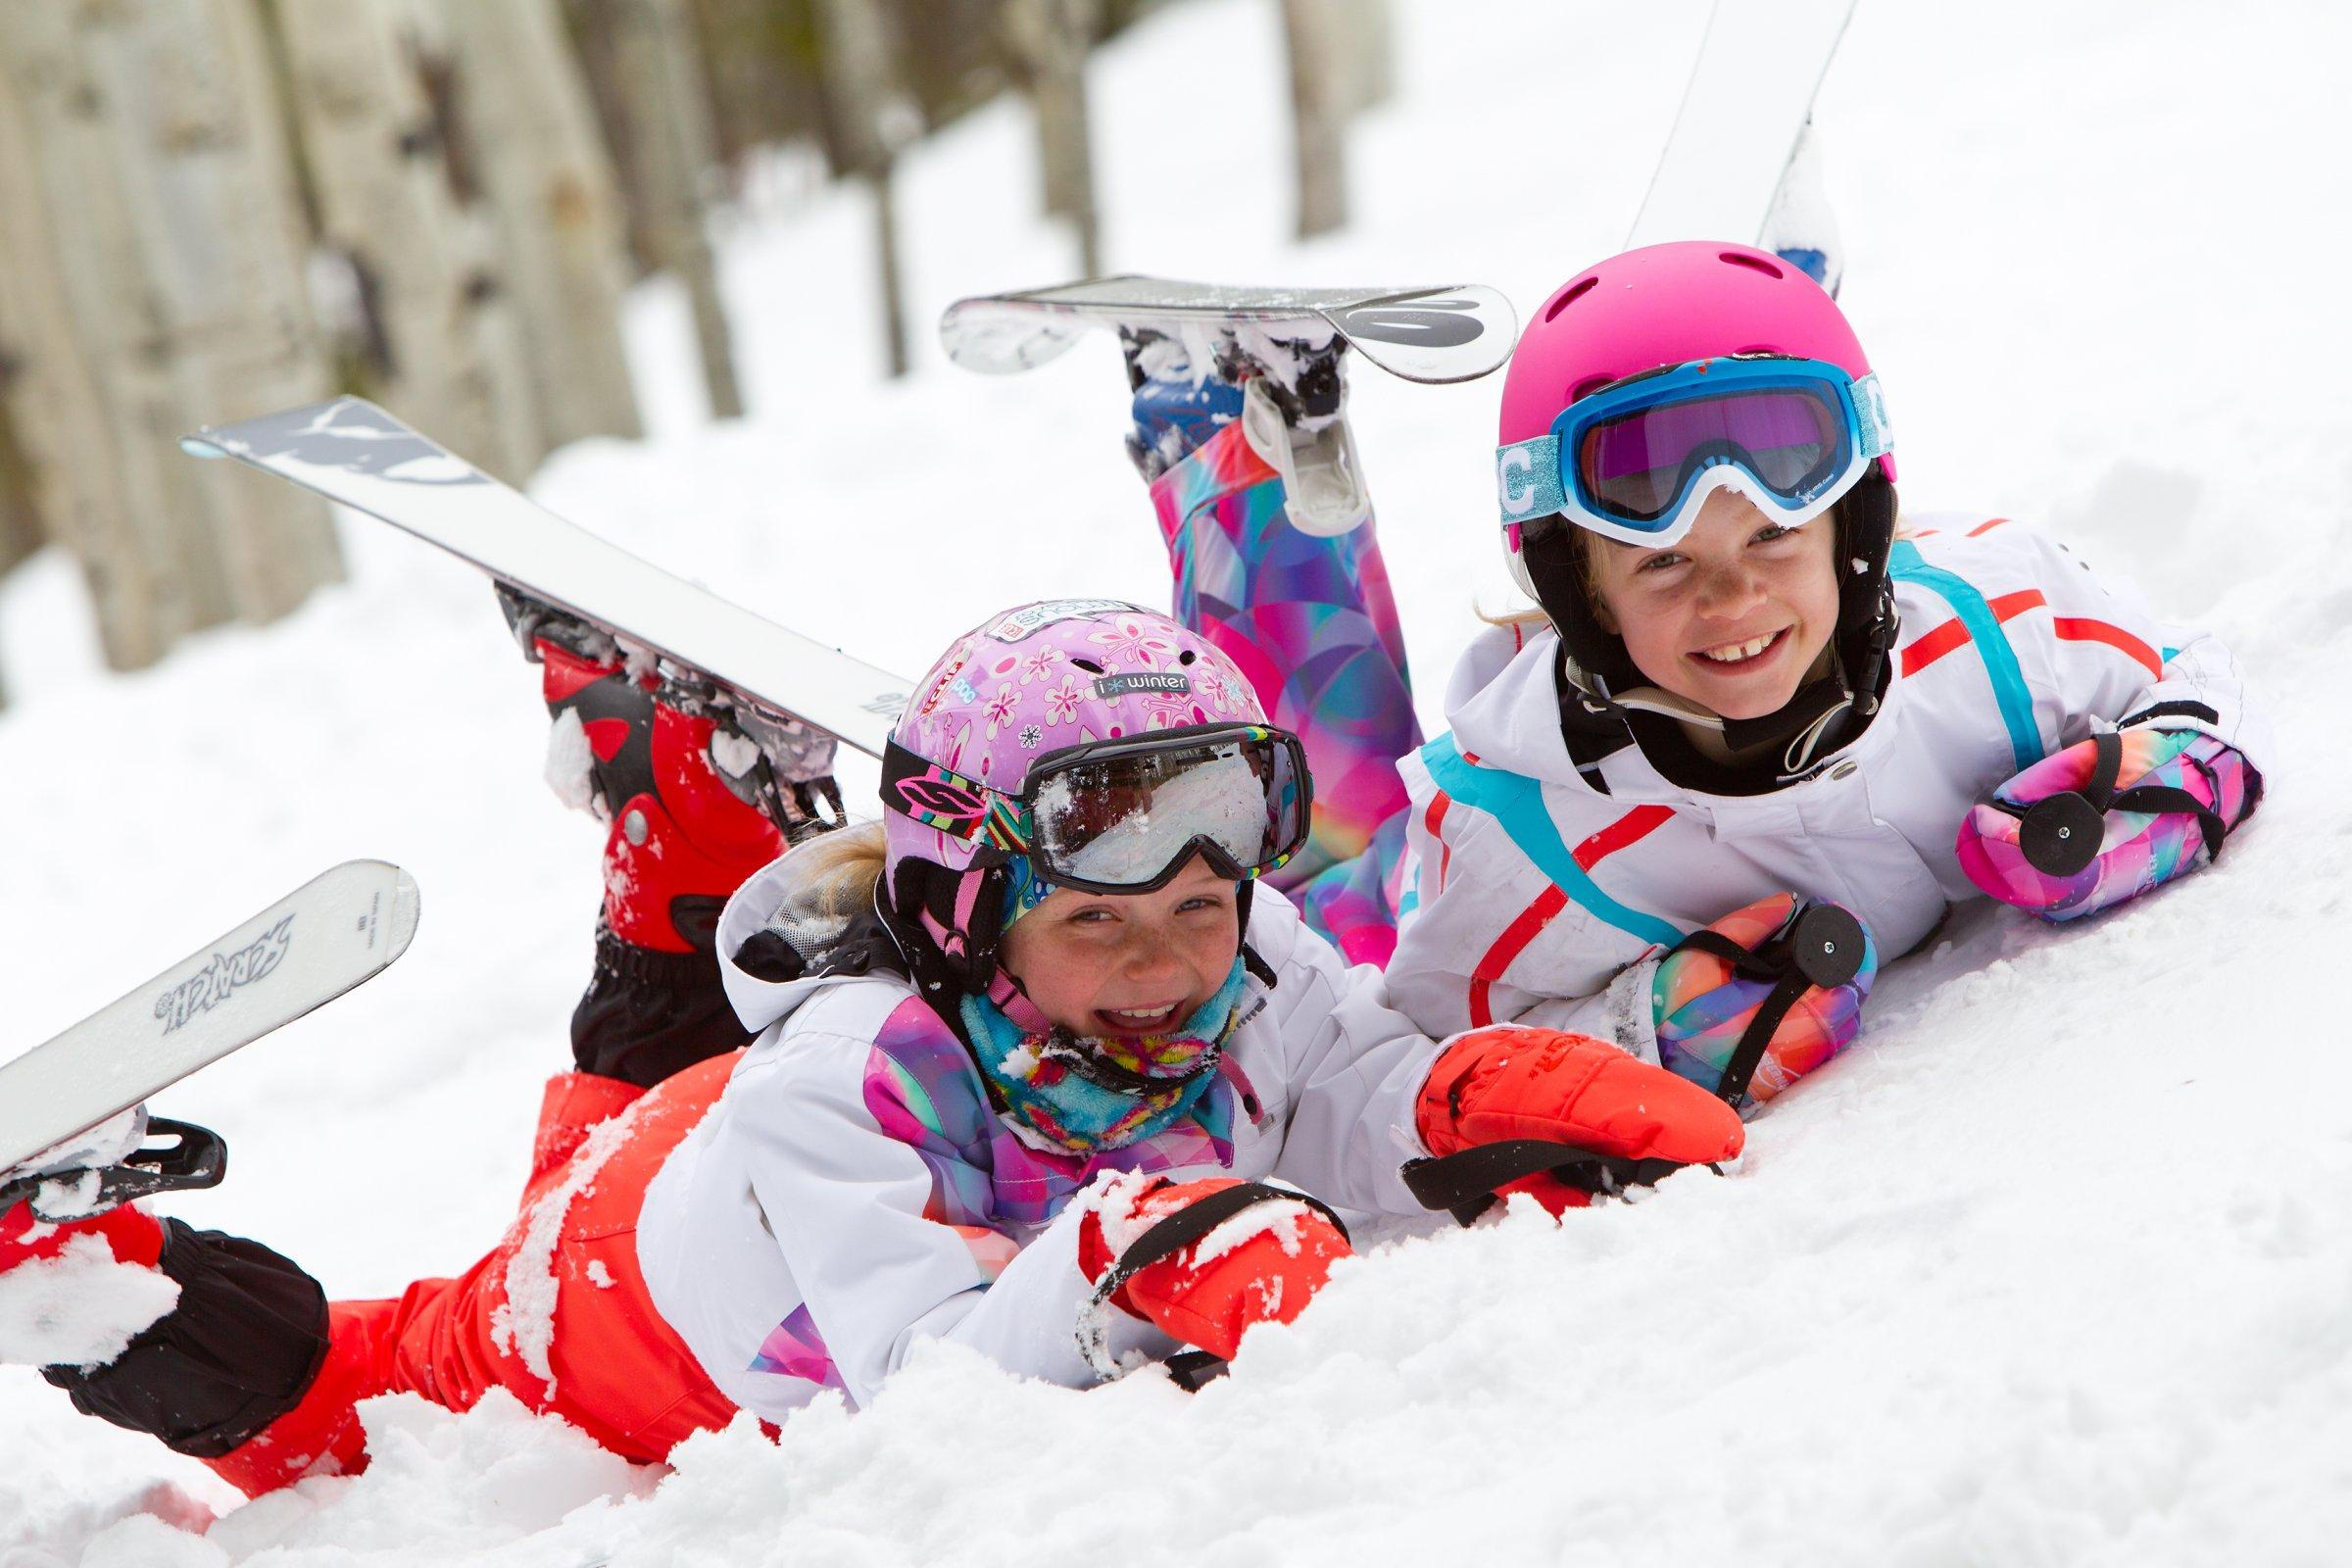 skijalista srbija mokra gora